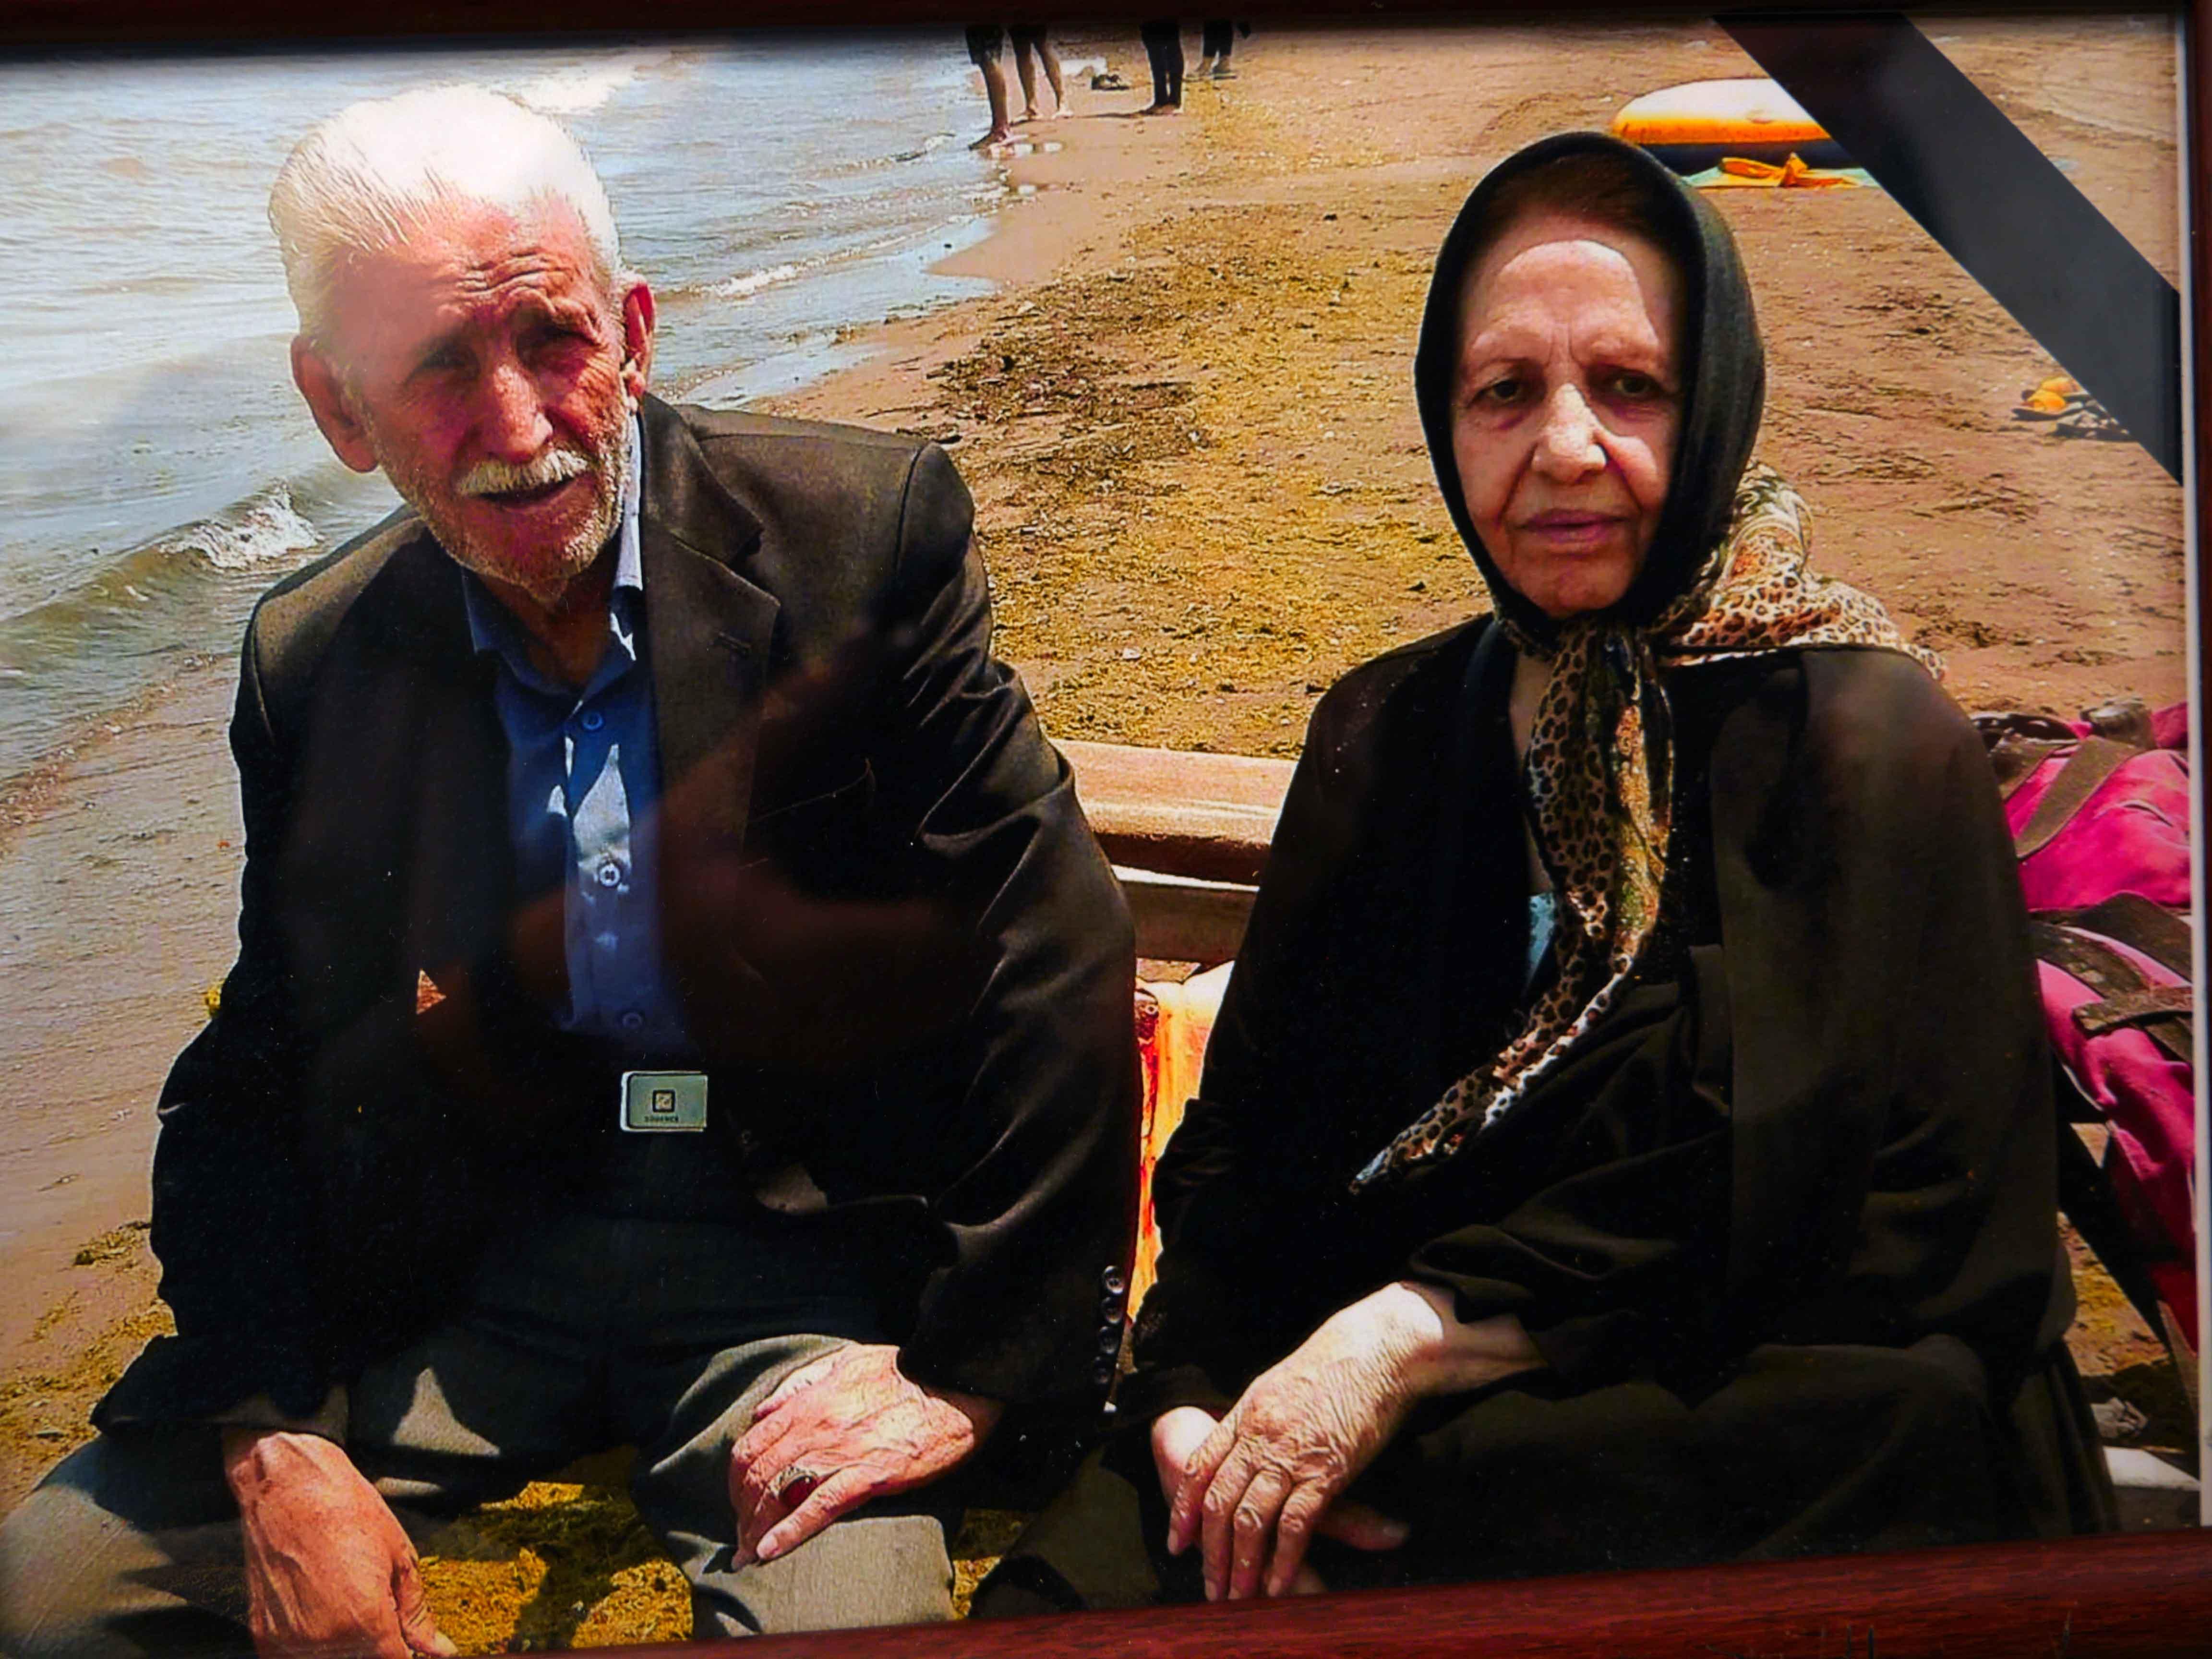 (عکس) این دو دختر جوان تهرانی را سر بریدند!